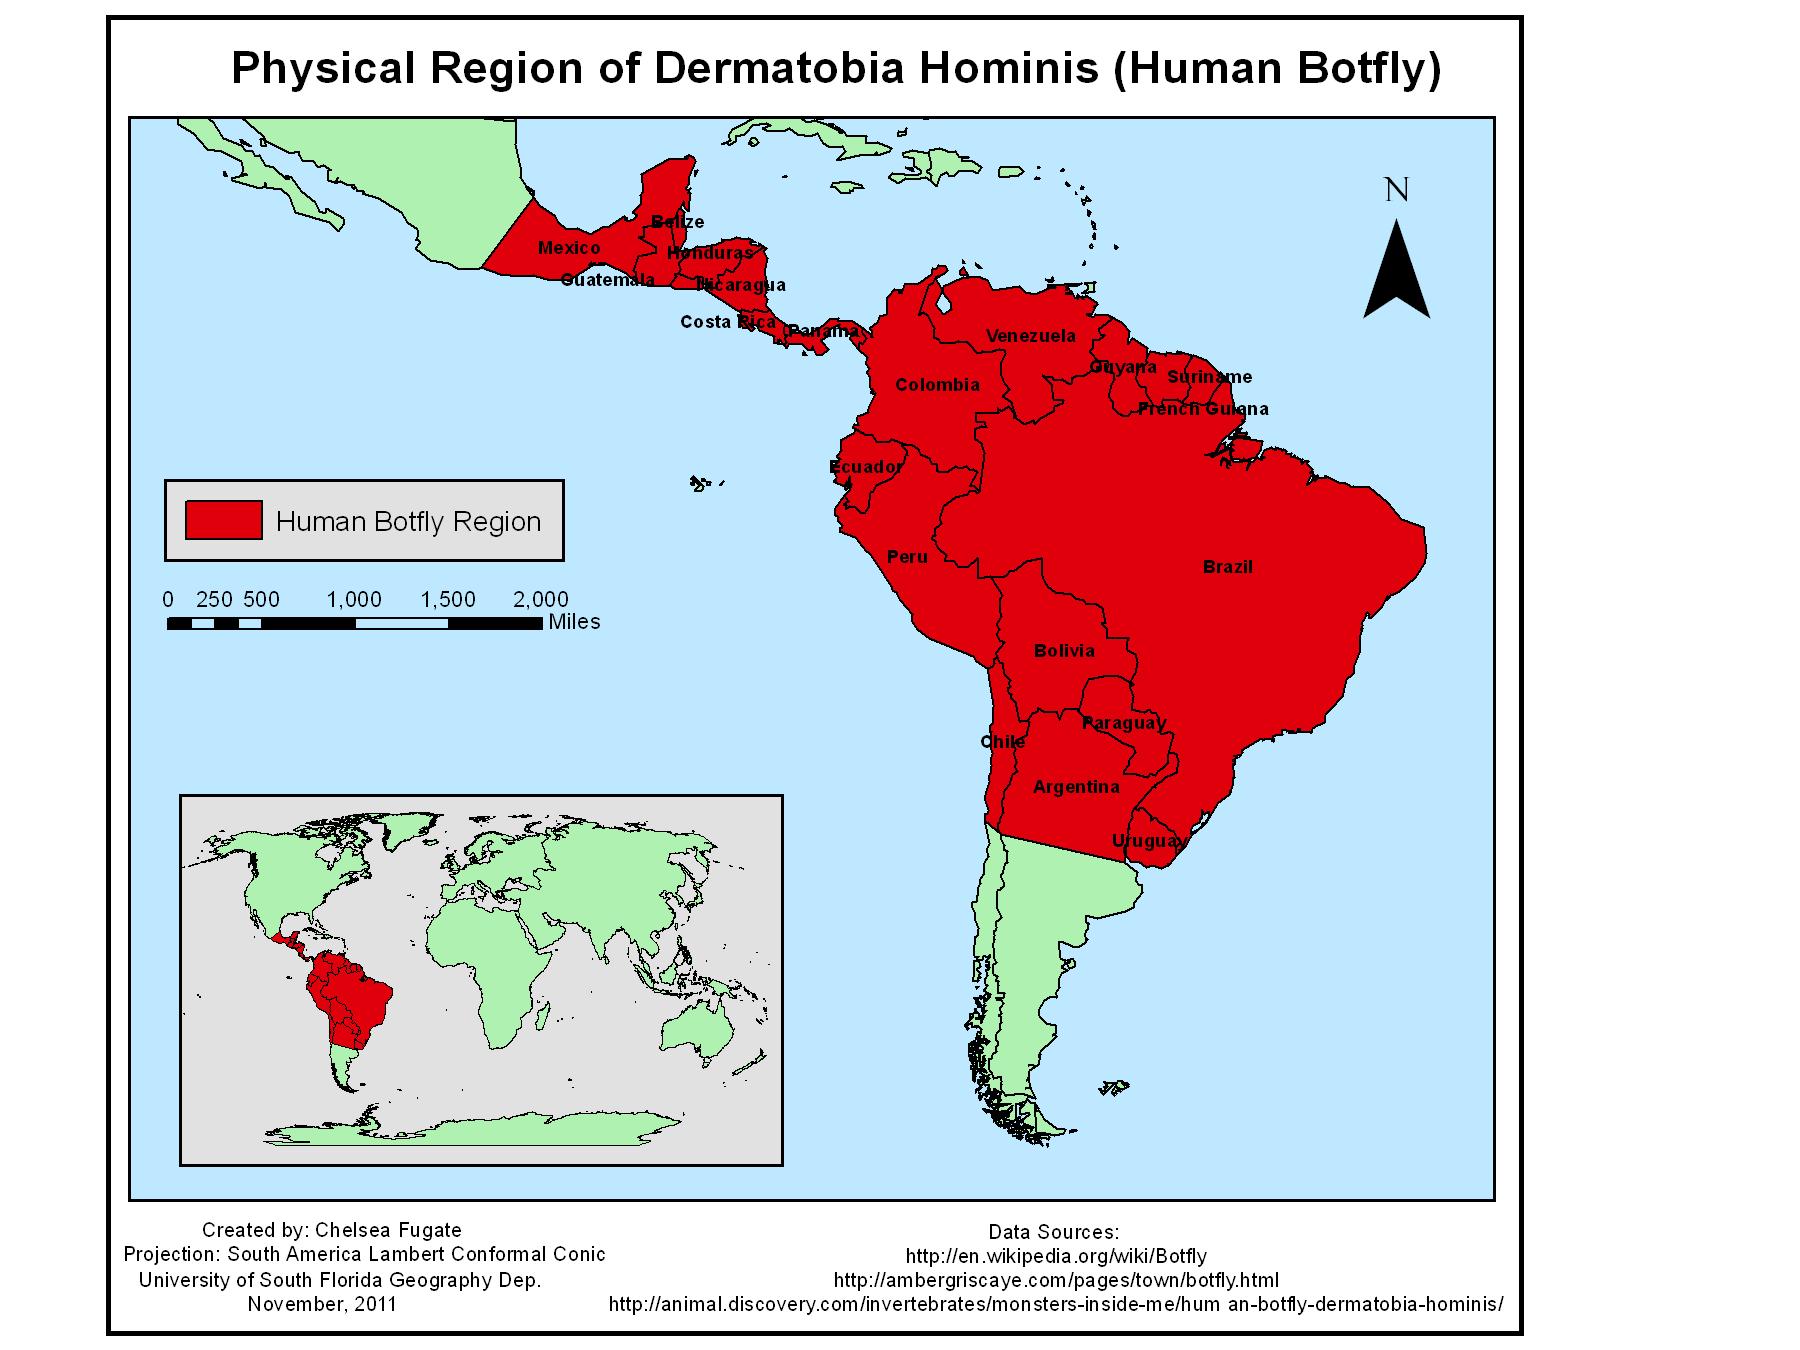 Human Bot Fly Range Map